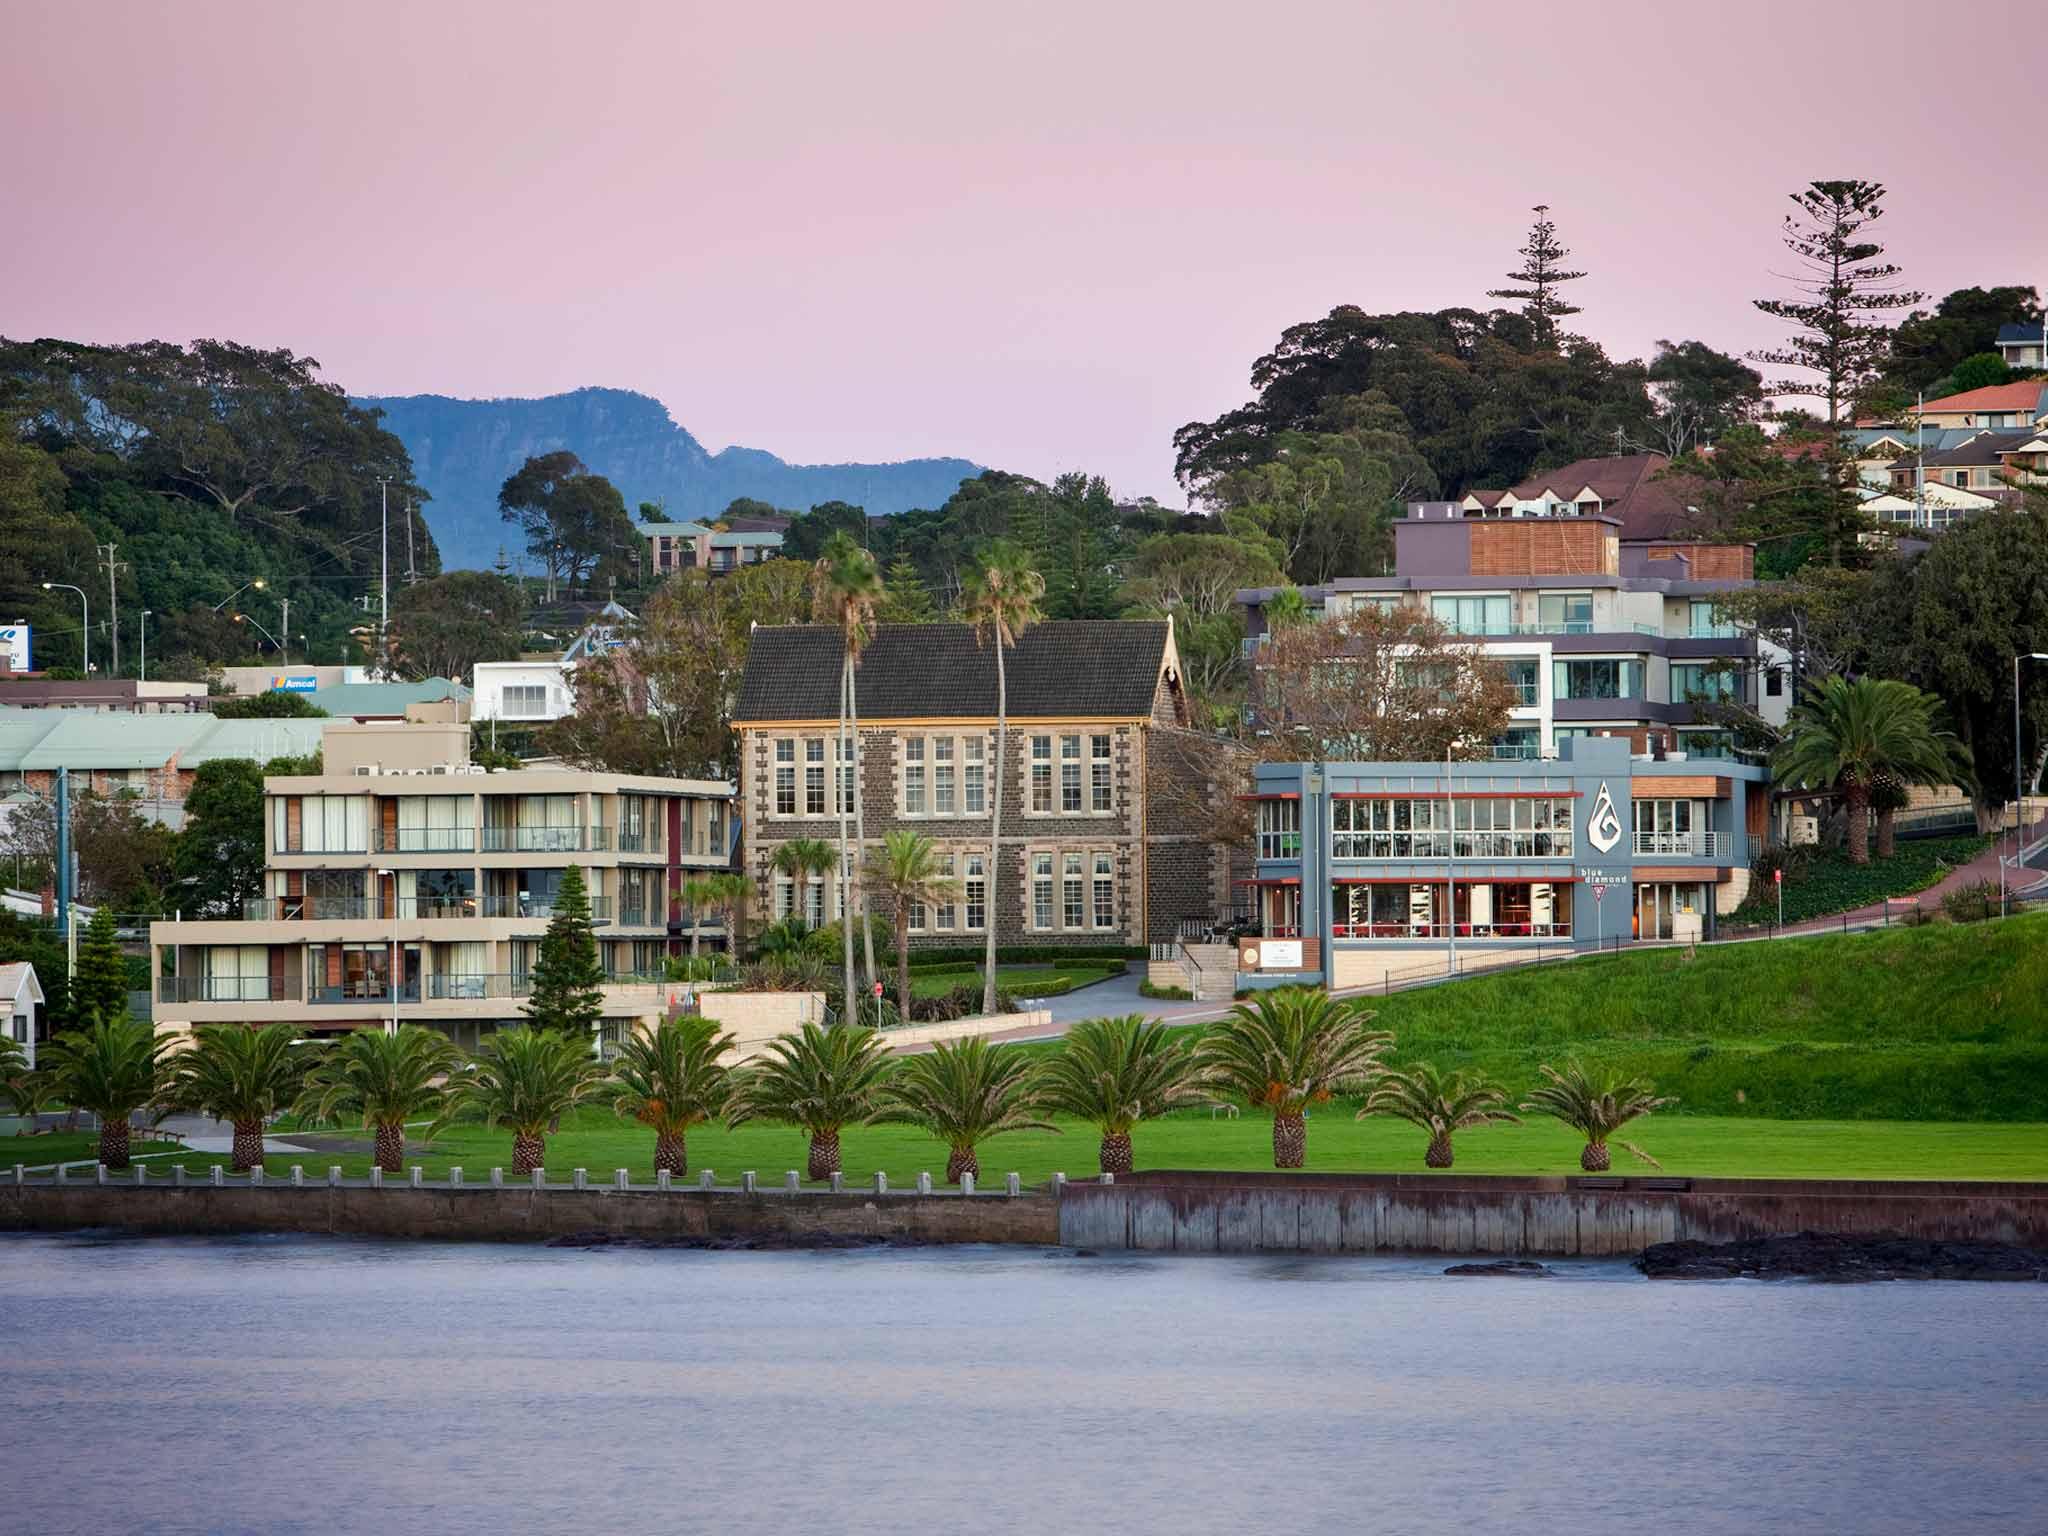 Hotel – The Sebel Kiama Harbourside